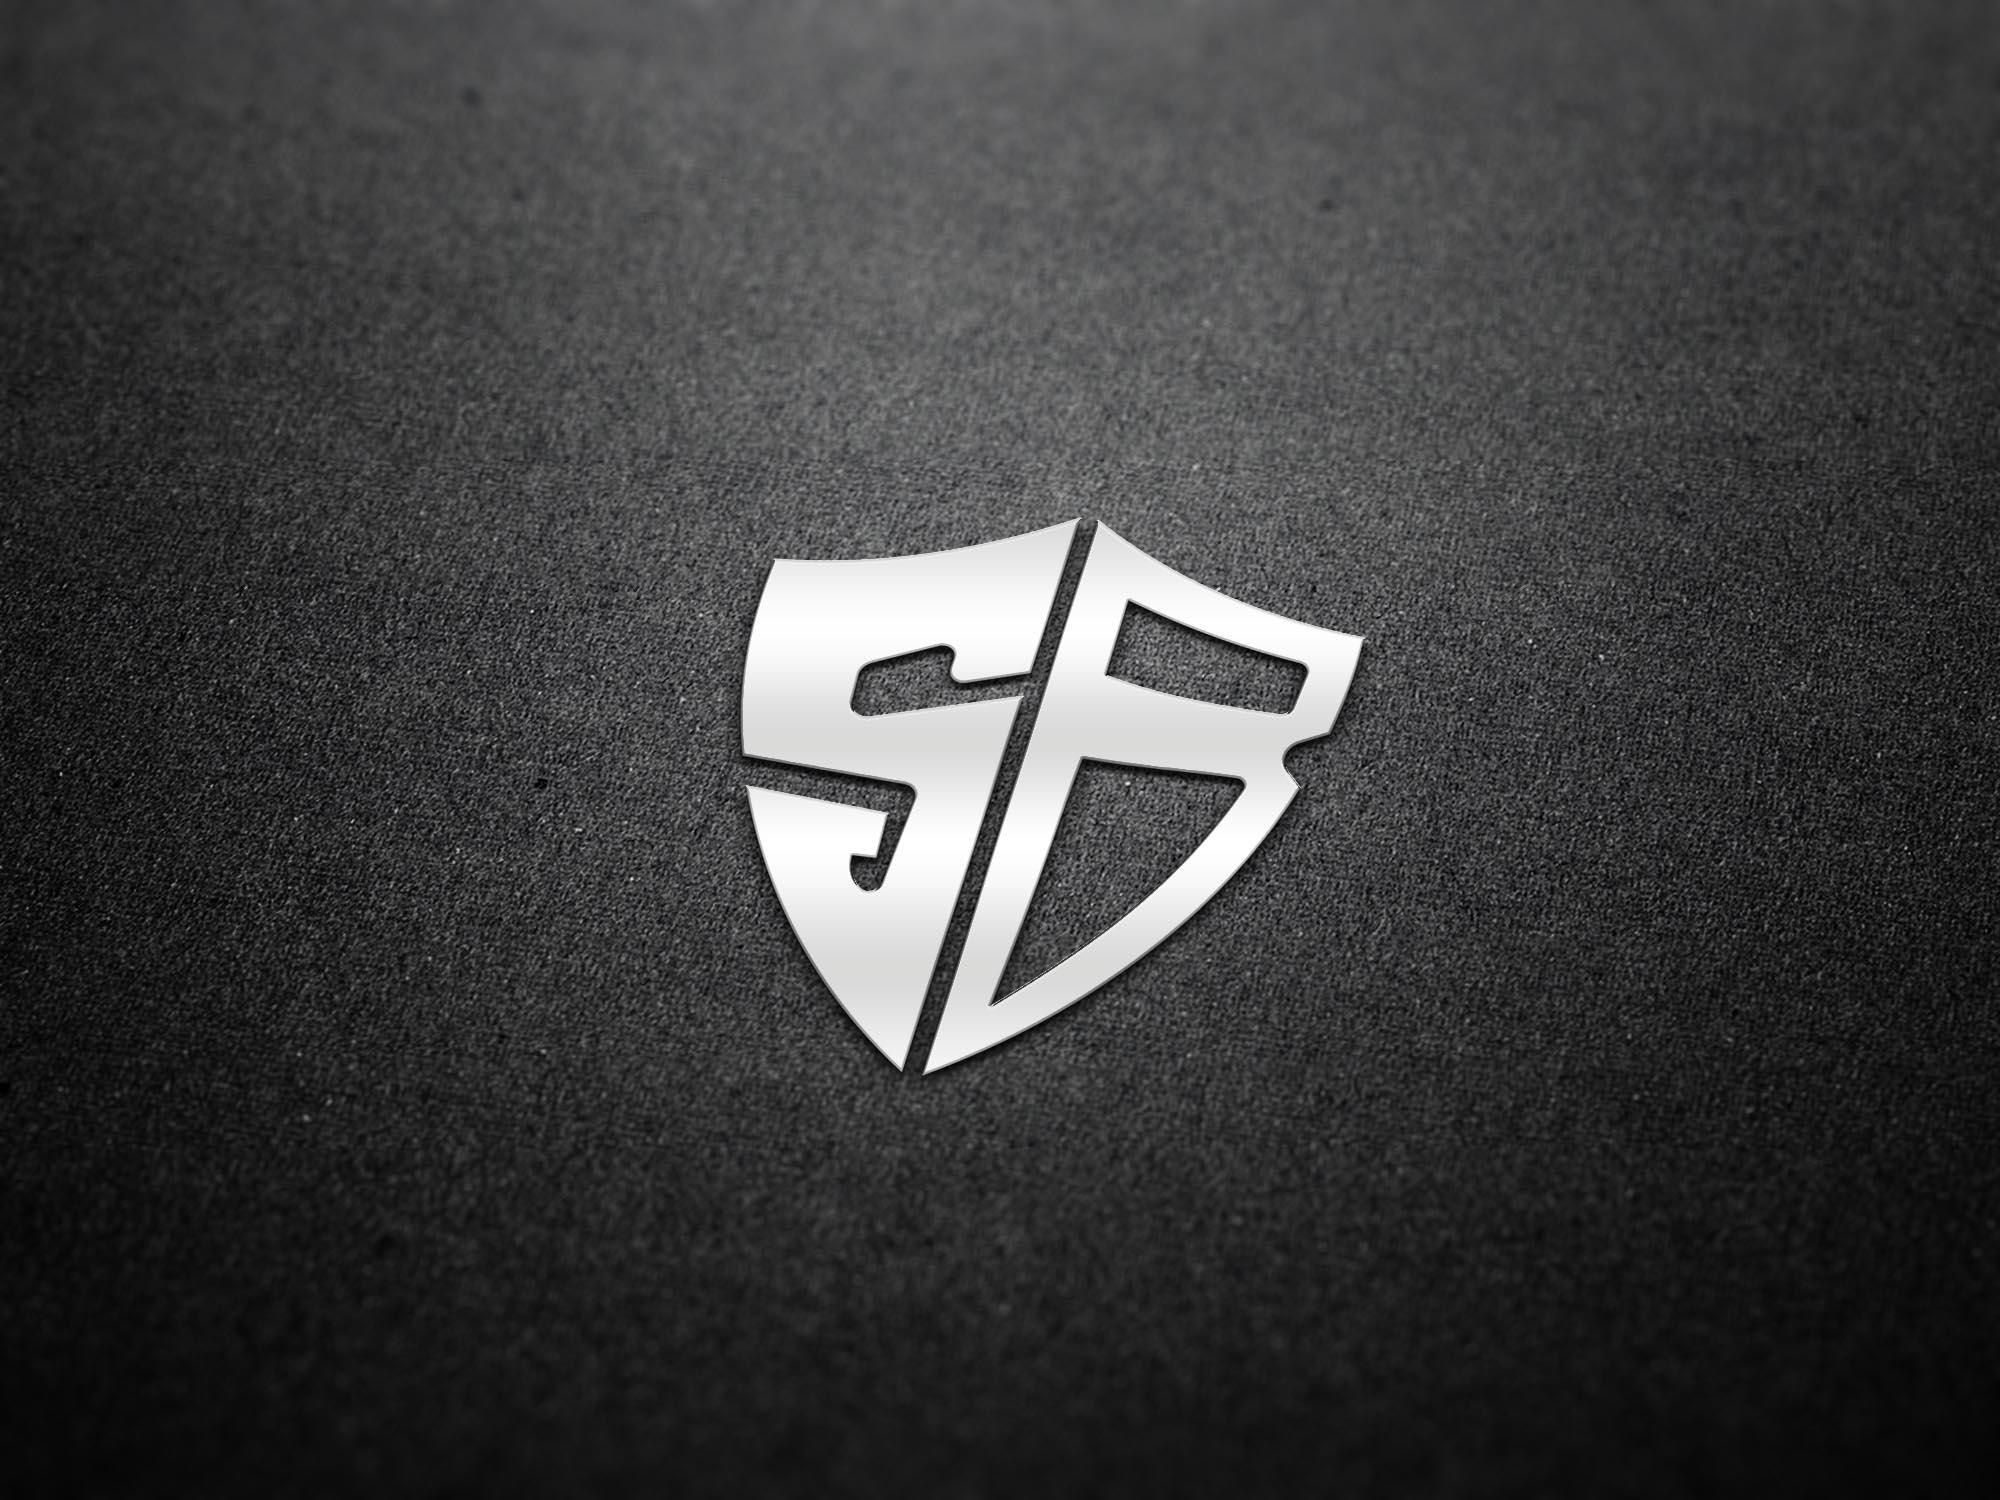 Логотип + Визитка Портала безопасных сделок фото f_656535ee8e727038.jpg